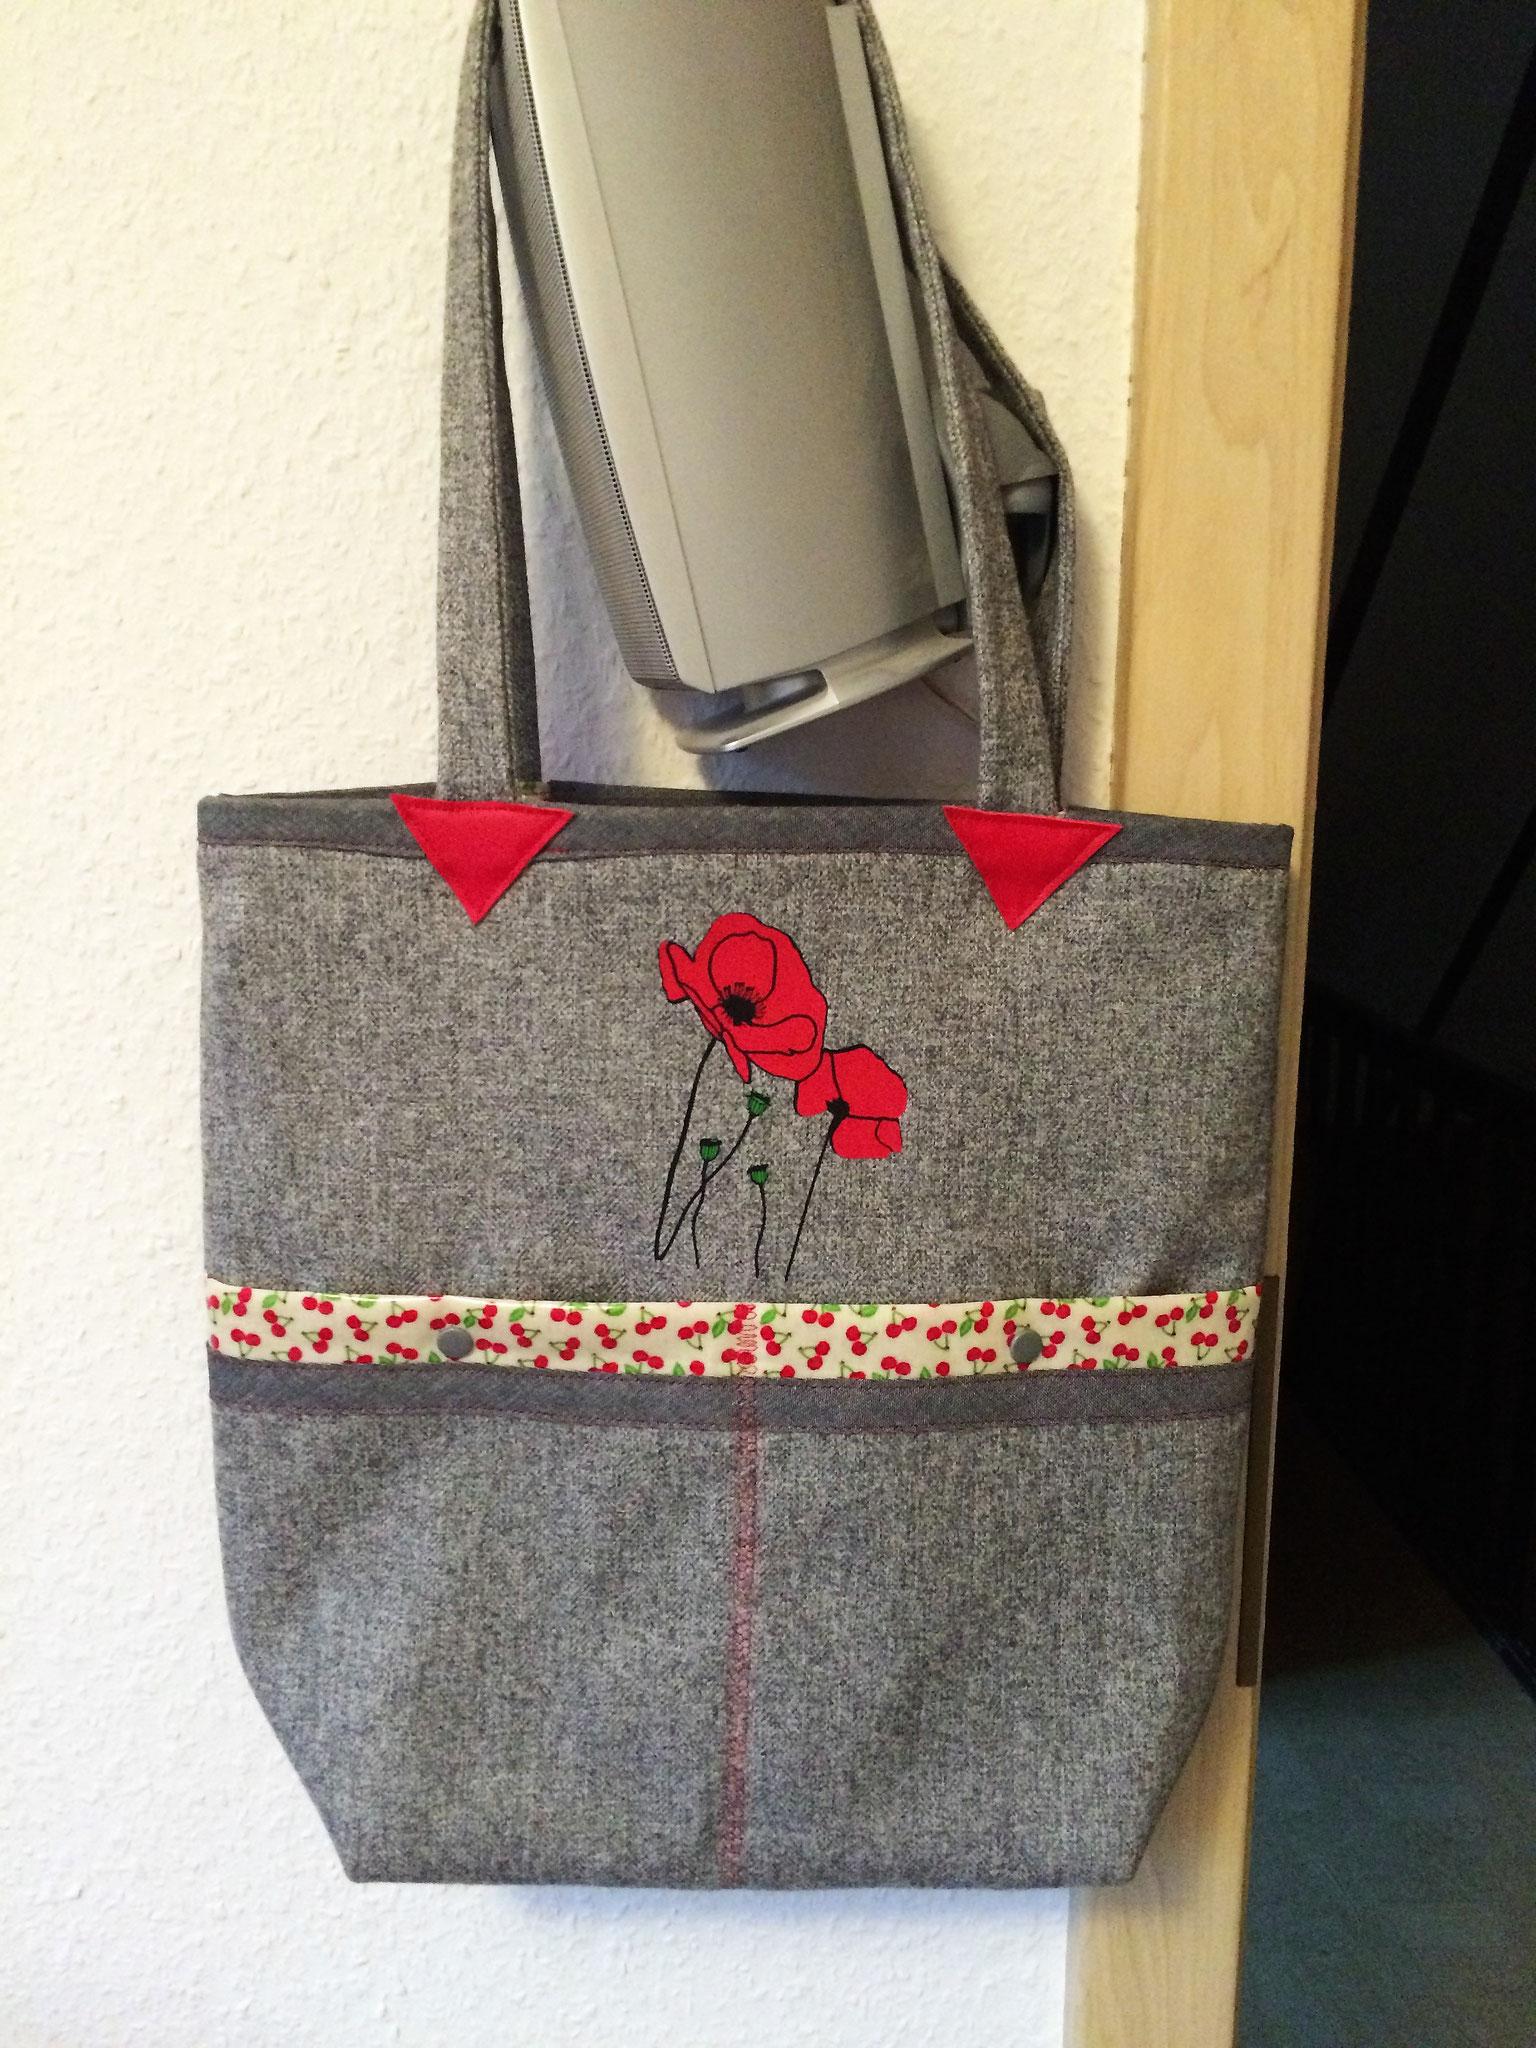 Tasche mit Mohnblumen